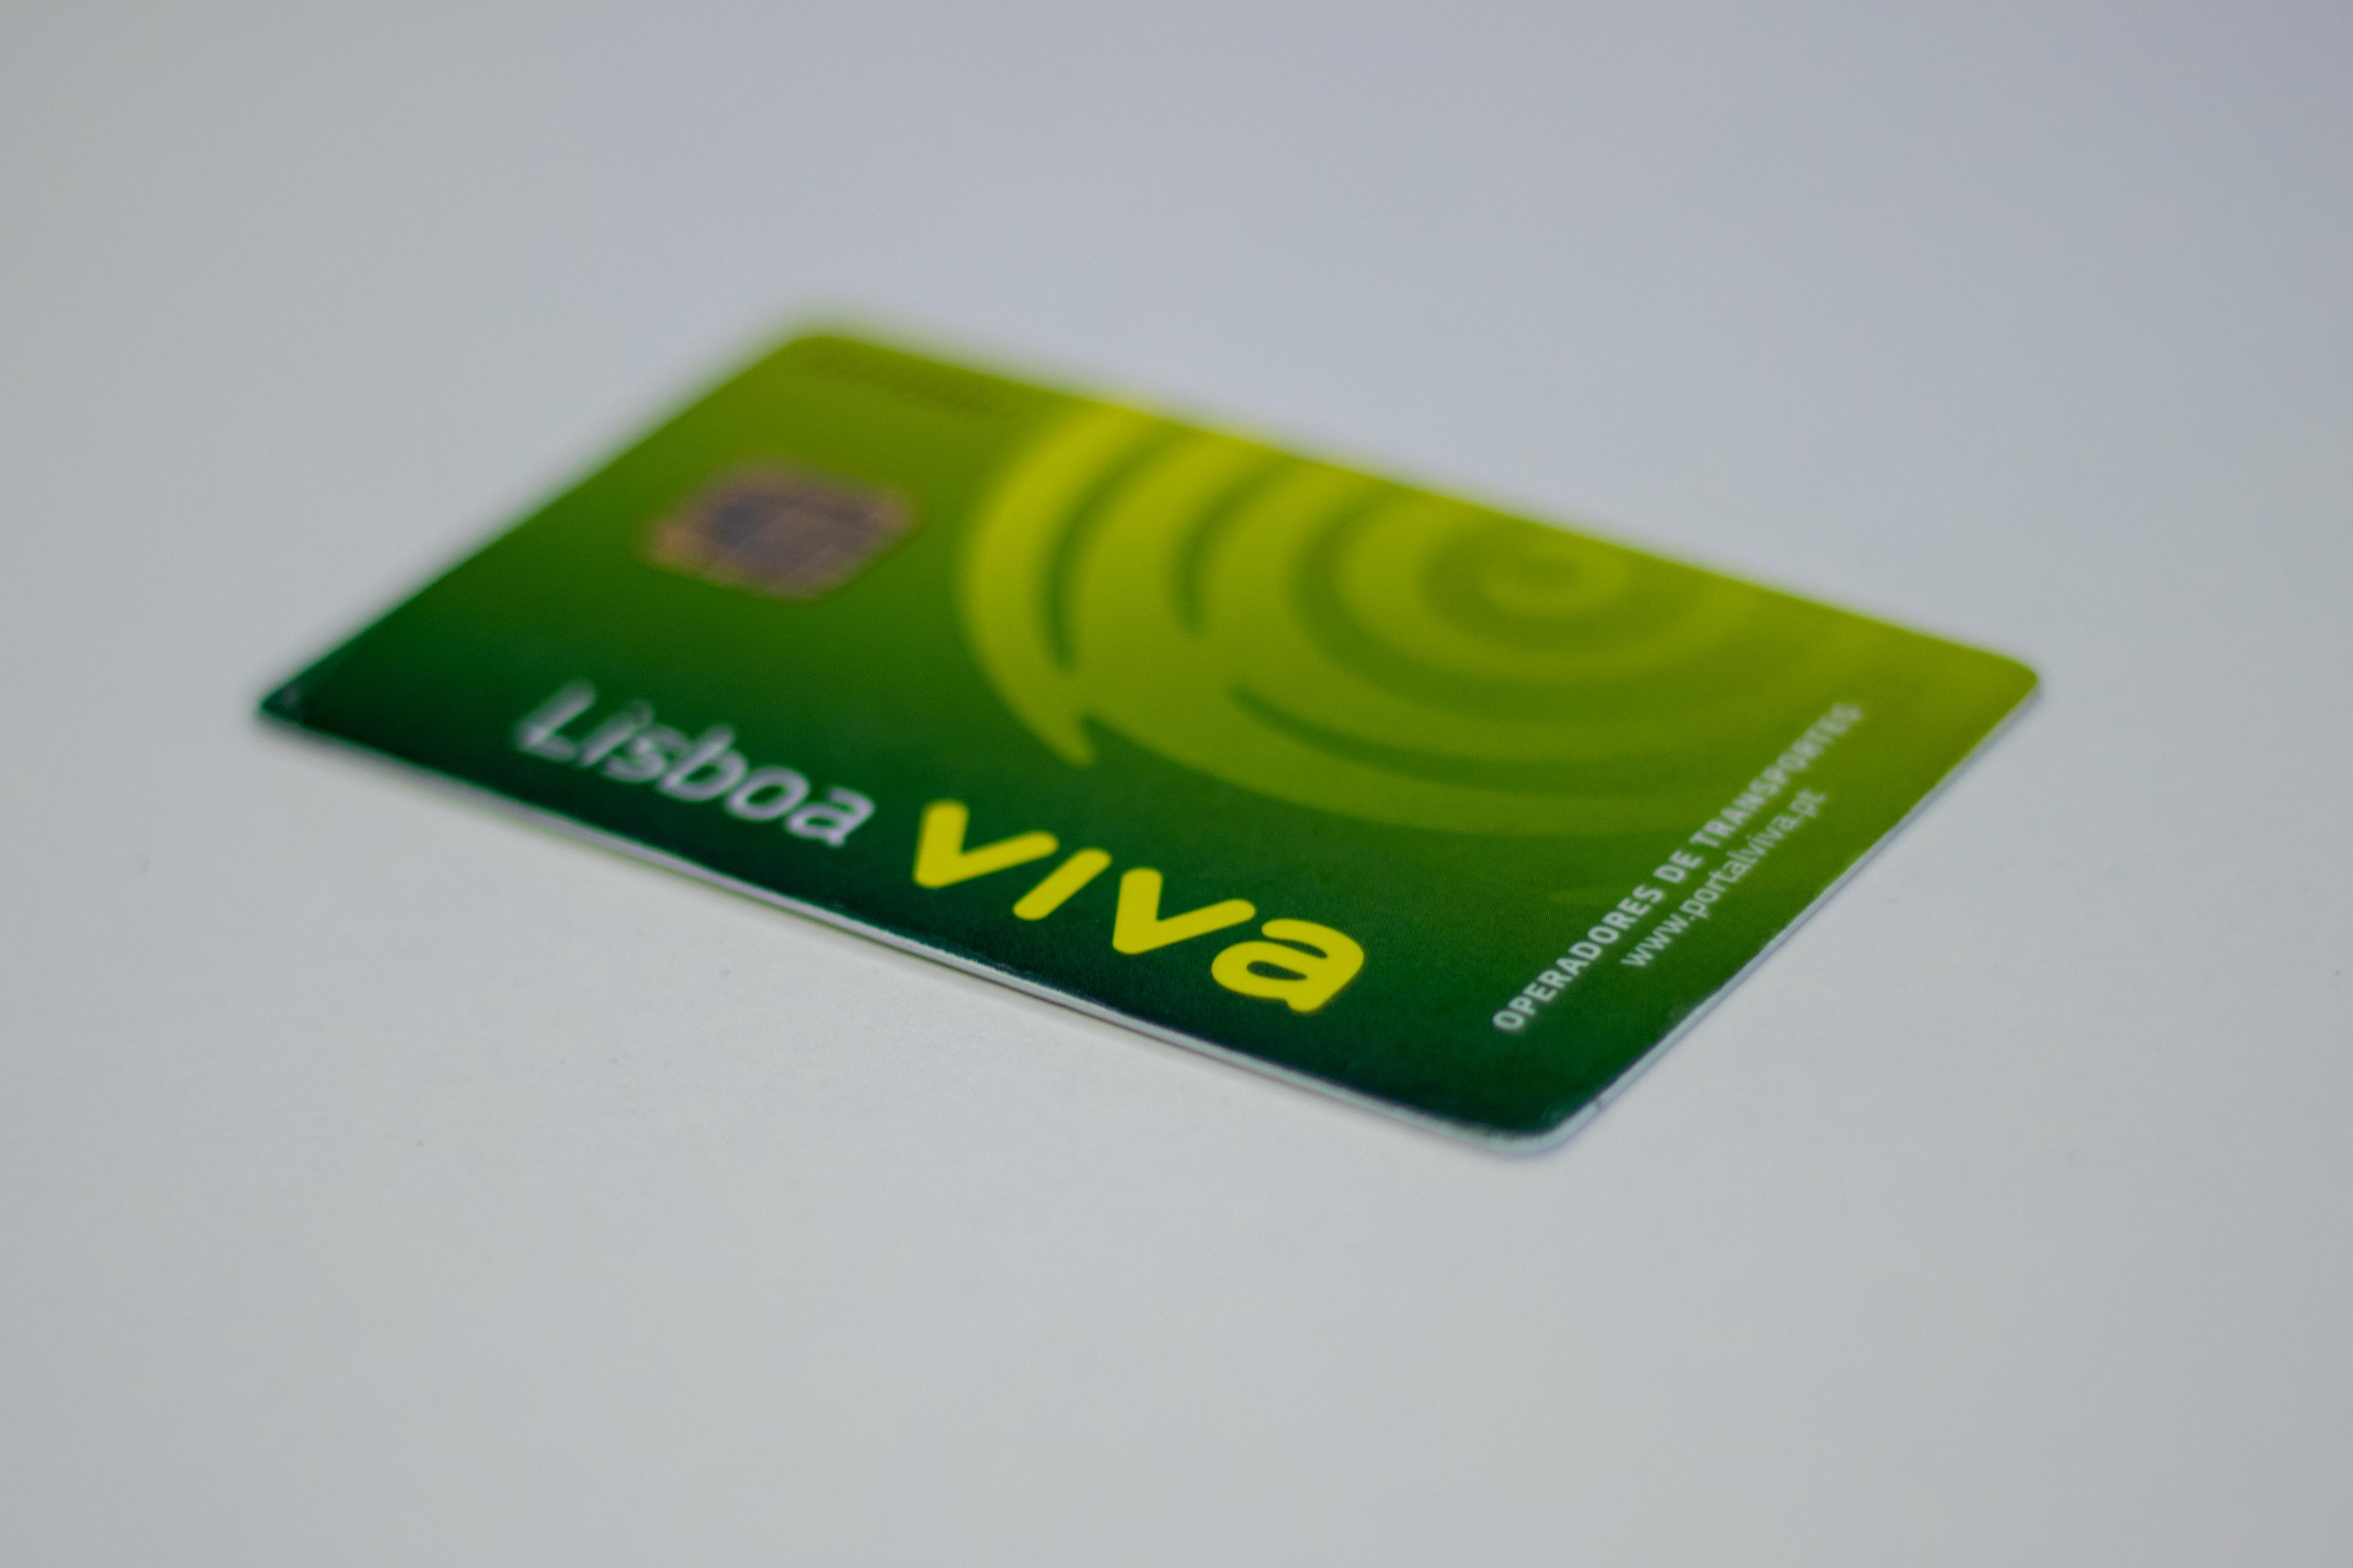 Cartões Lisboa Viva que expiraram em fevereiro podem ser carregados